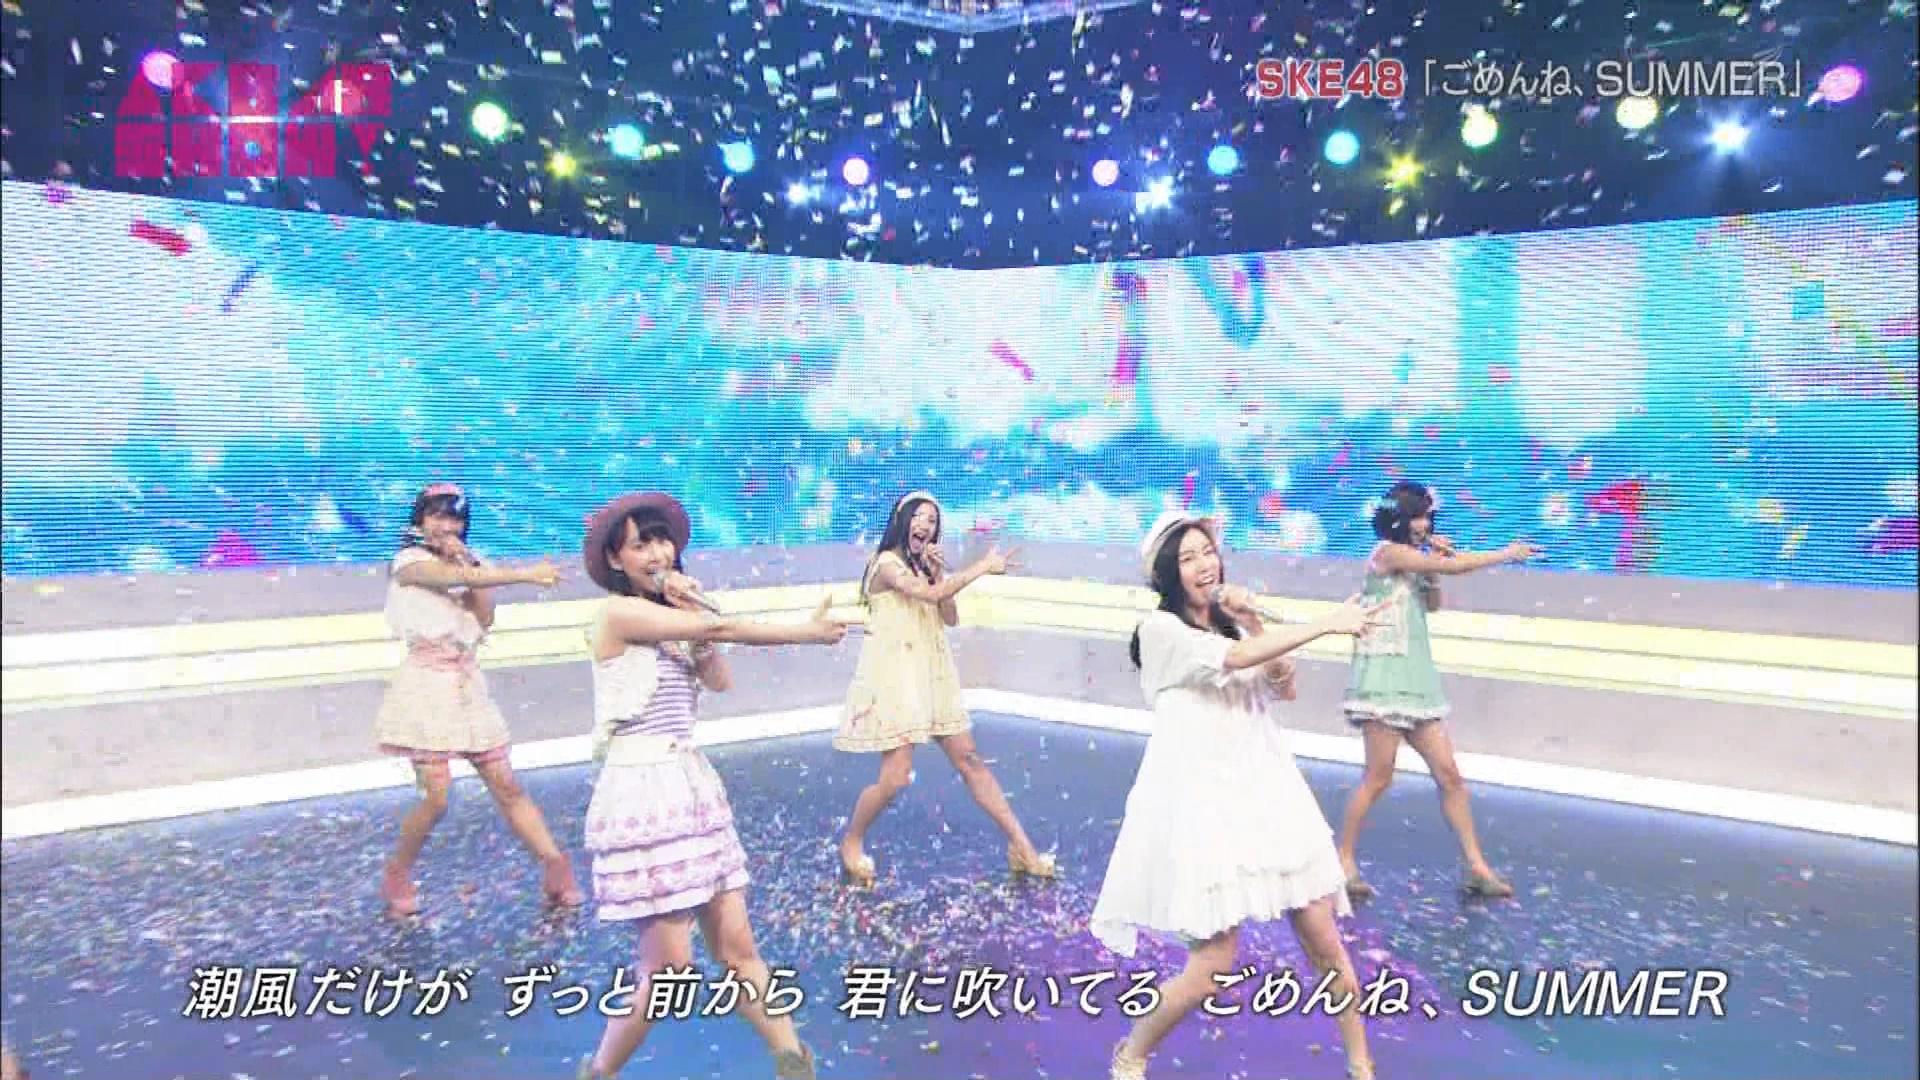 AKB48SHOW ごめんね、SUMMER 松井玲奈 20140830 (17)